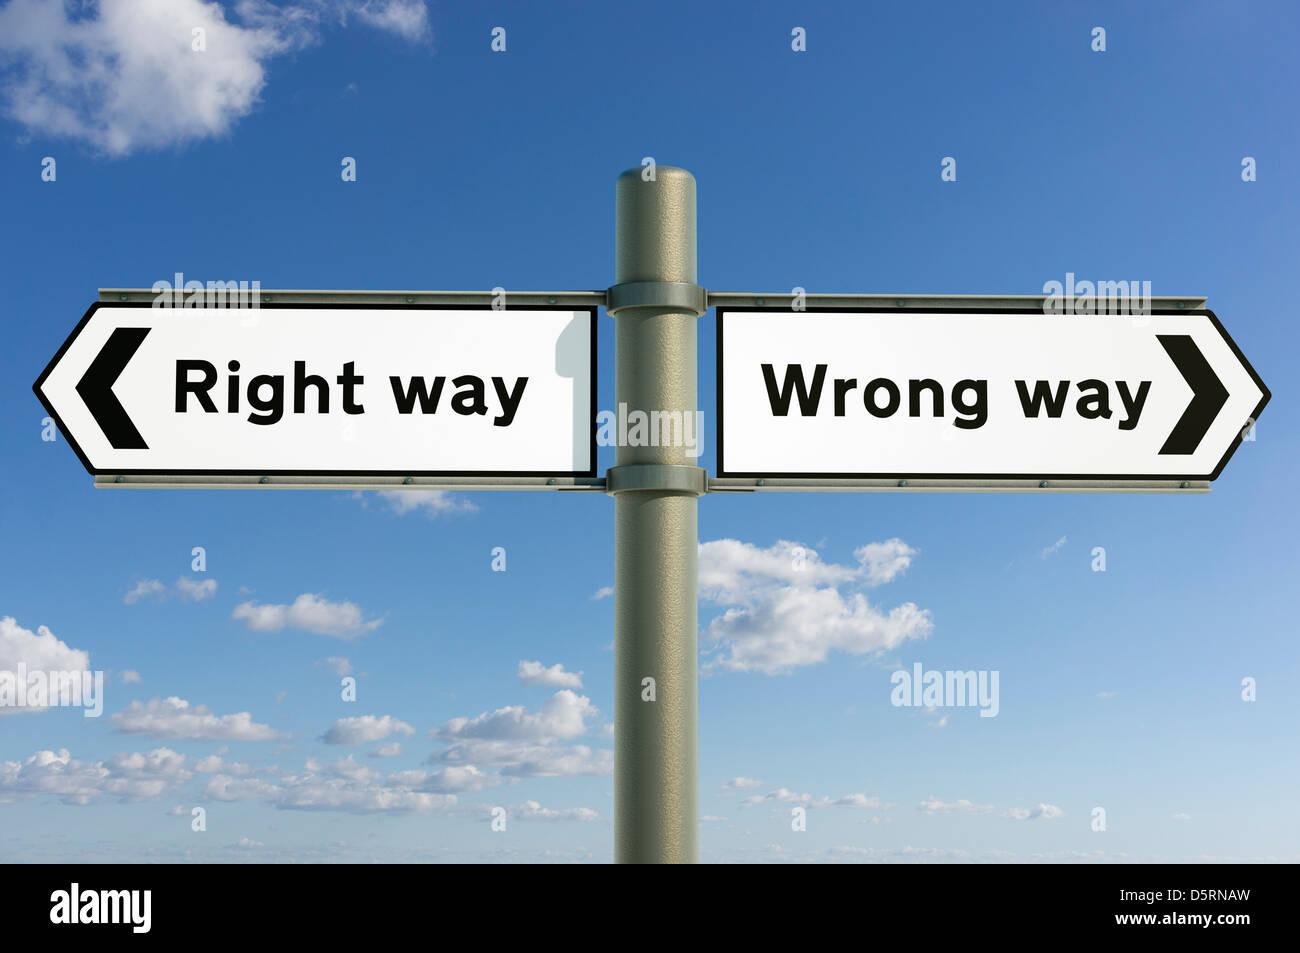 Forma correcta, opciones y orientaciones camino equivocado concepto futuro firmar Imagen De Stock